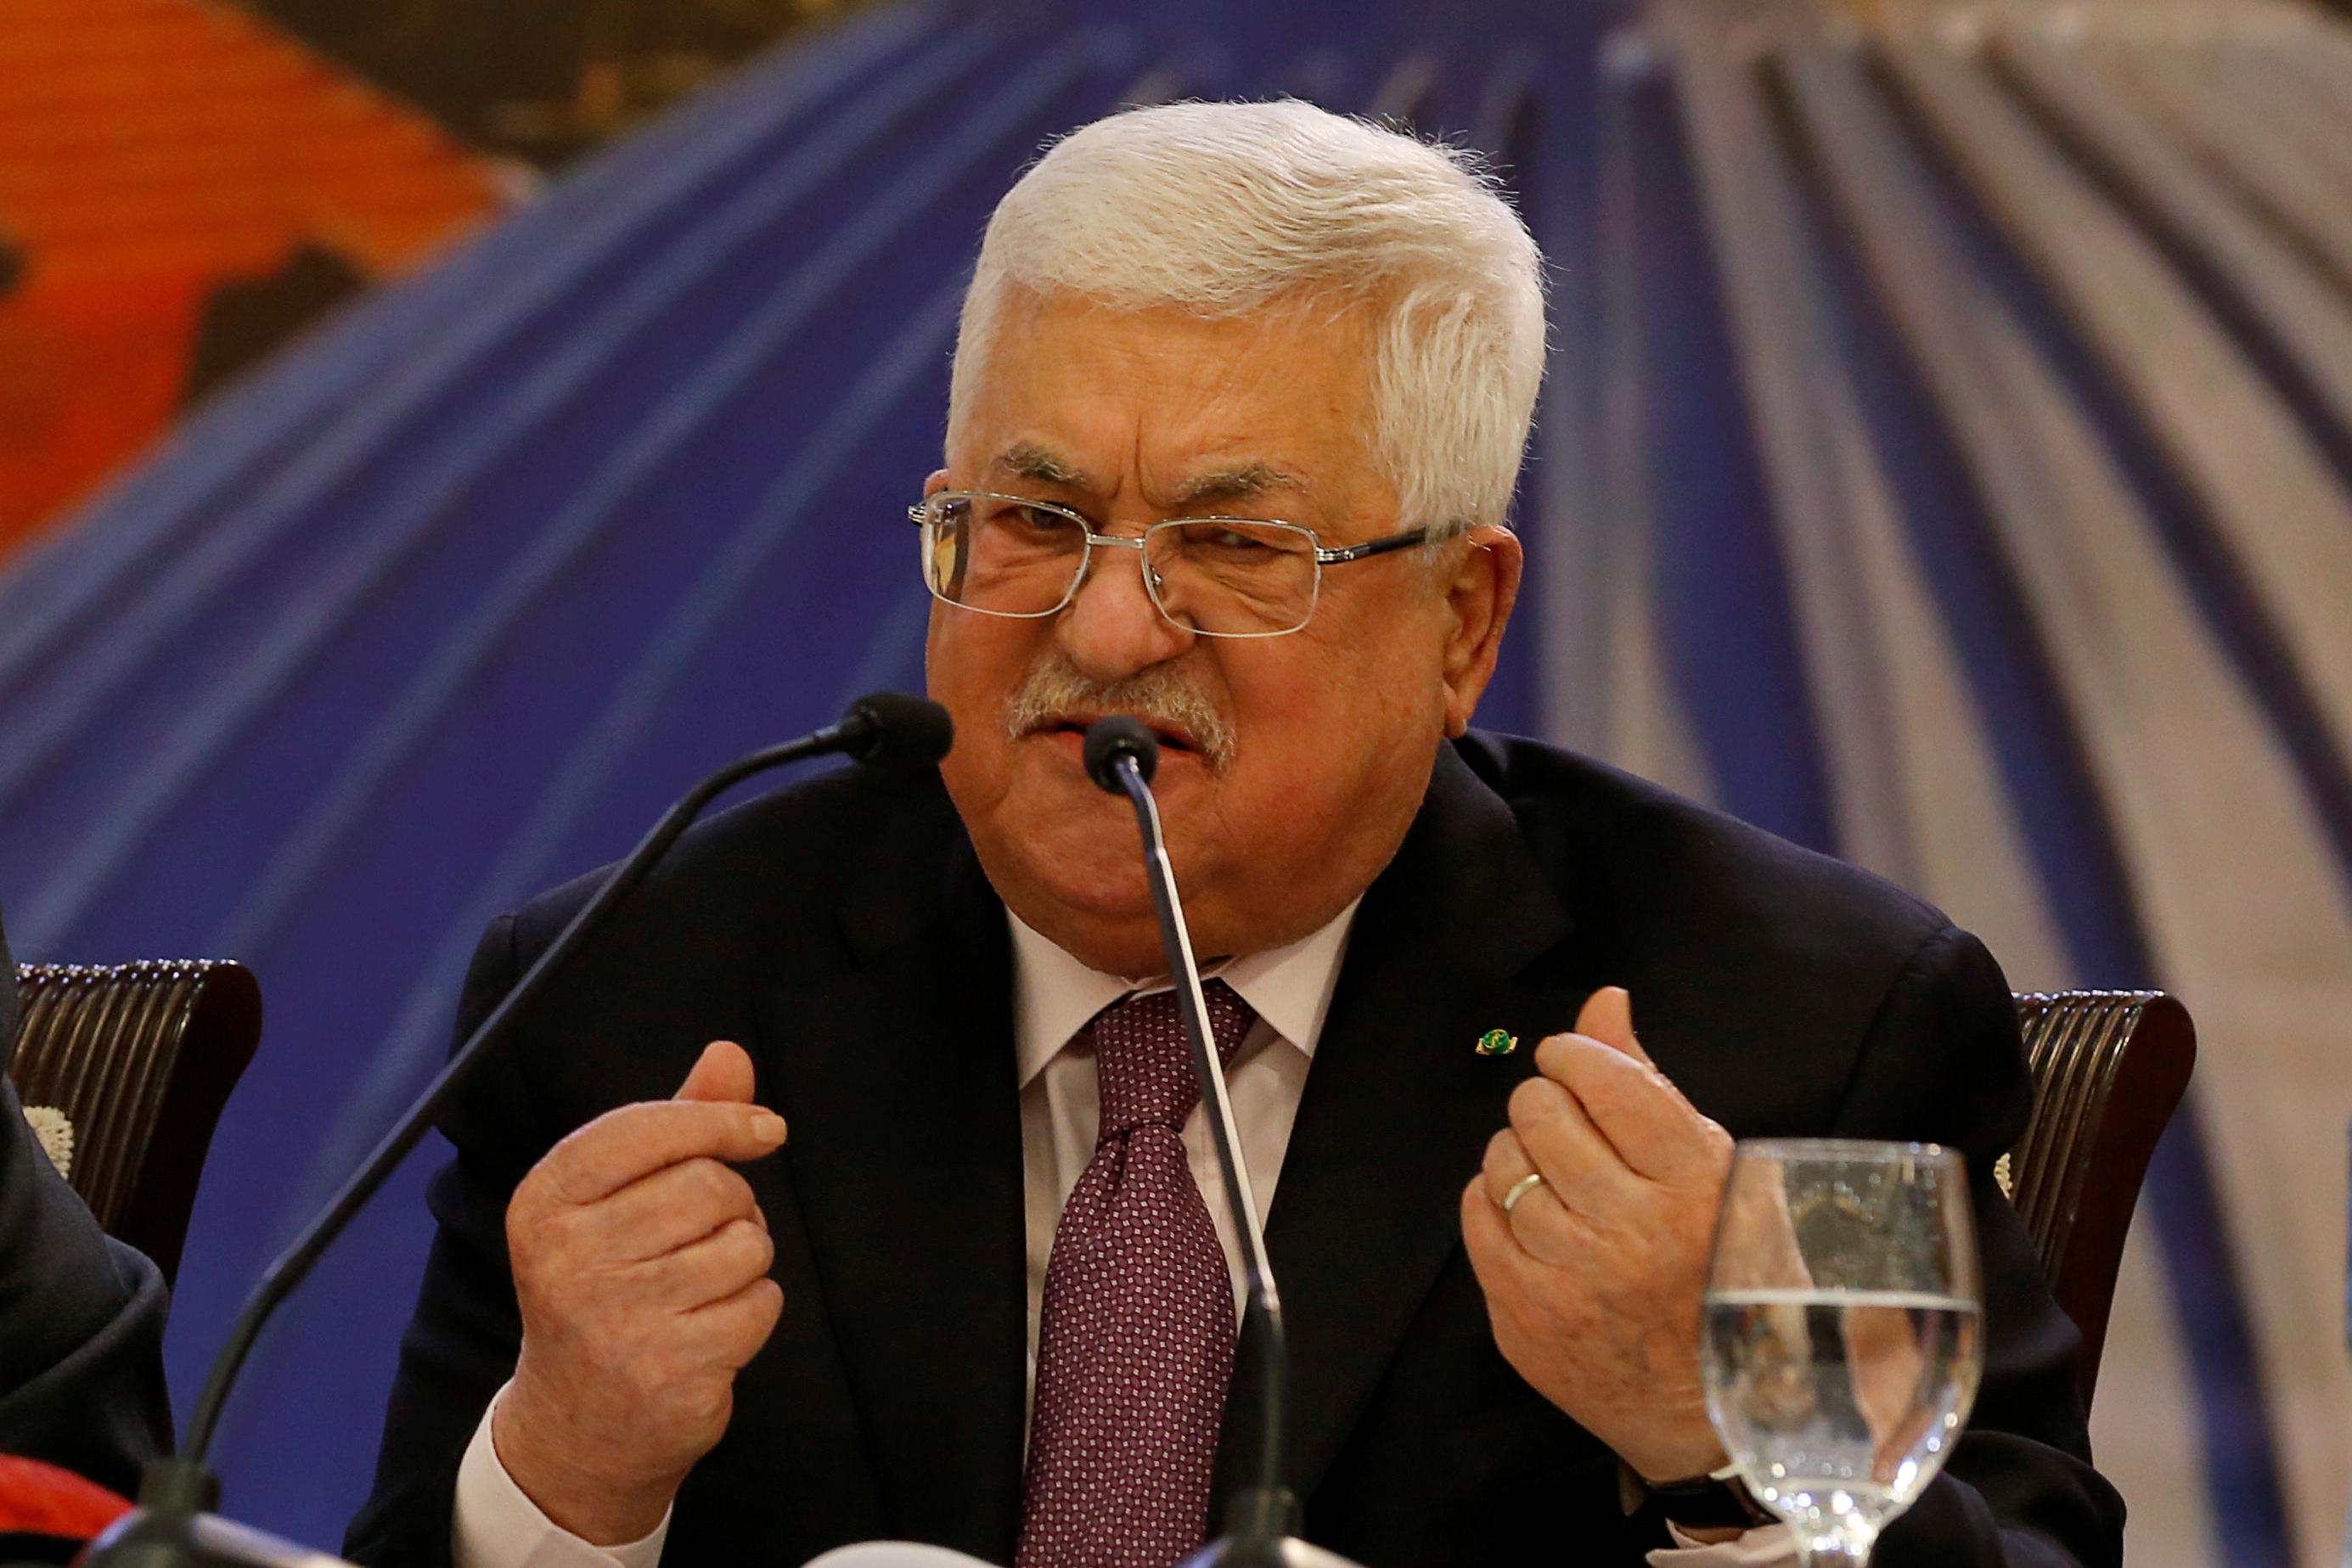 Ο Αραβικός Σύνδεσμος πέταξε στα... σκουπίδια το σχέδιο Τραμπ - Τέλος οι σχέσεις με ΗΠΑ και Ισραήλ, ανακοίνωσε ο Αμπάς